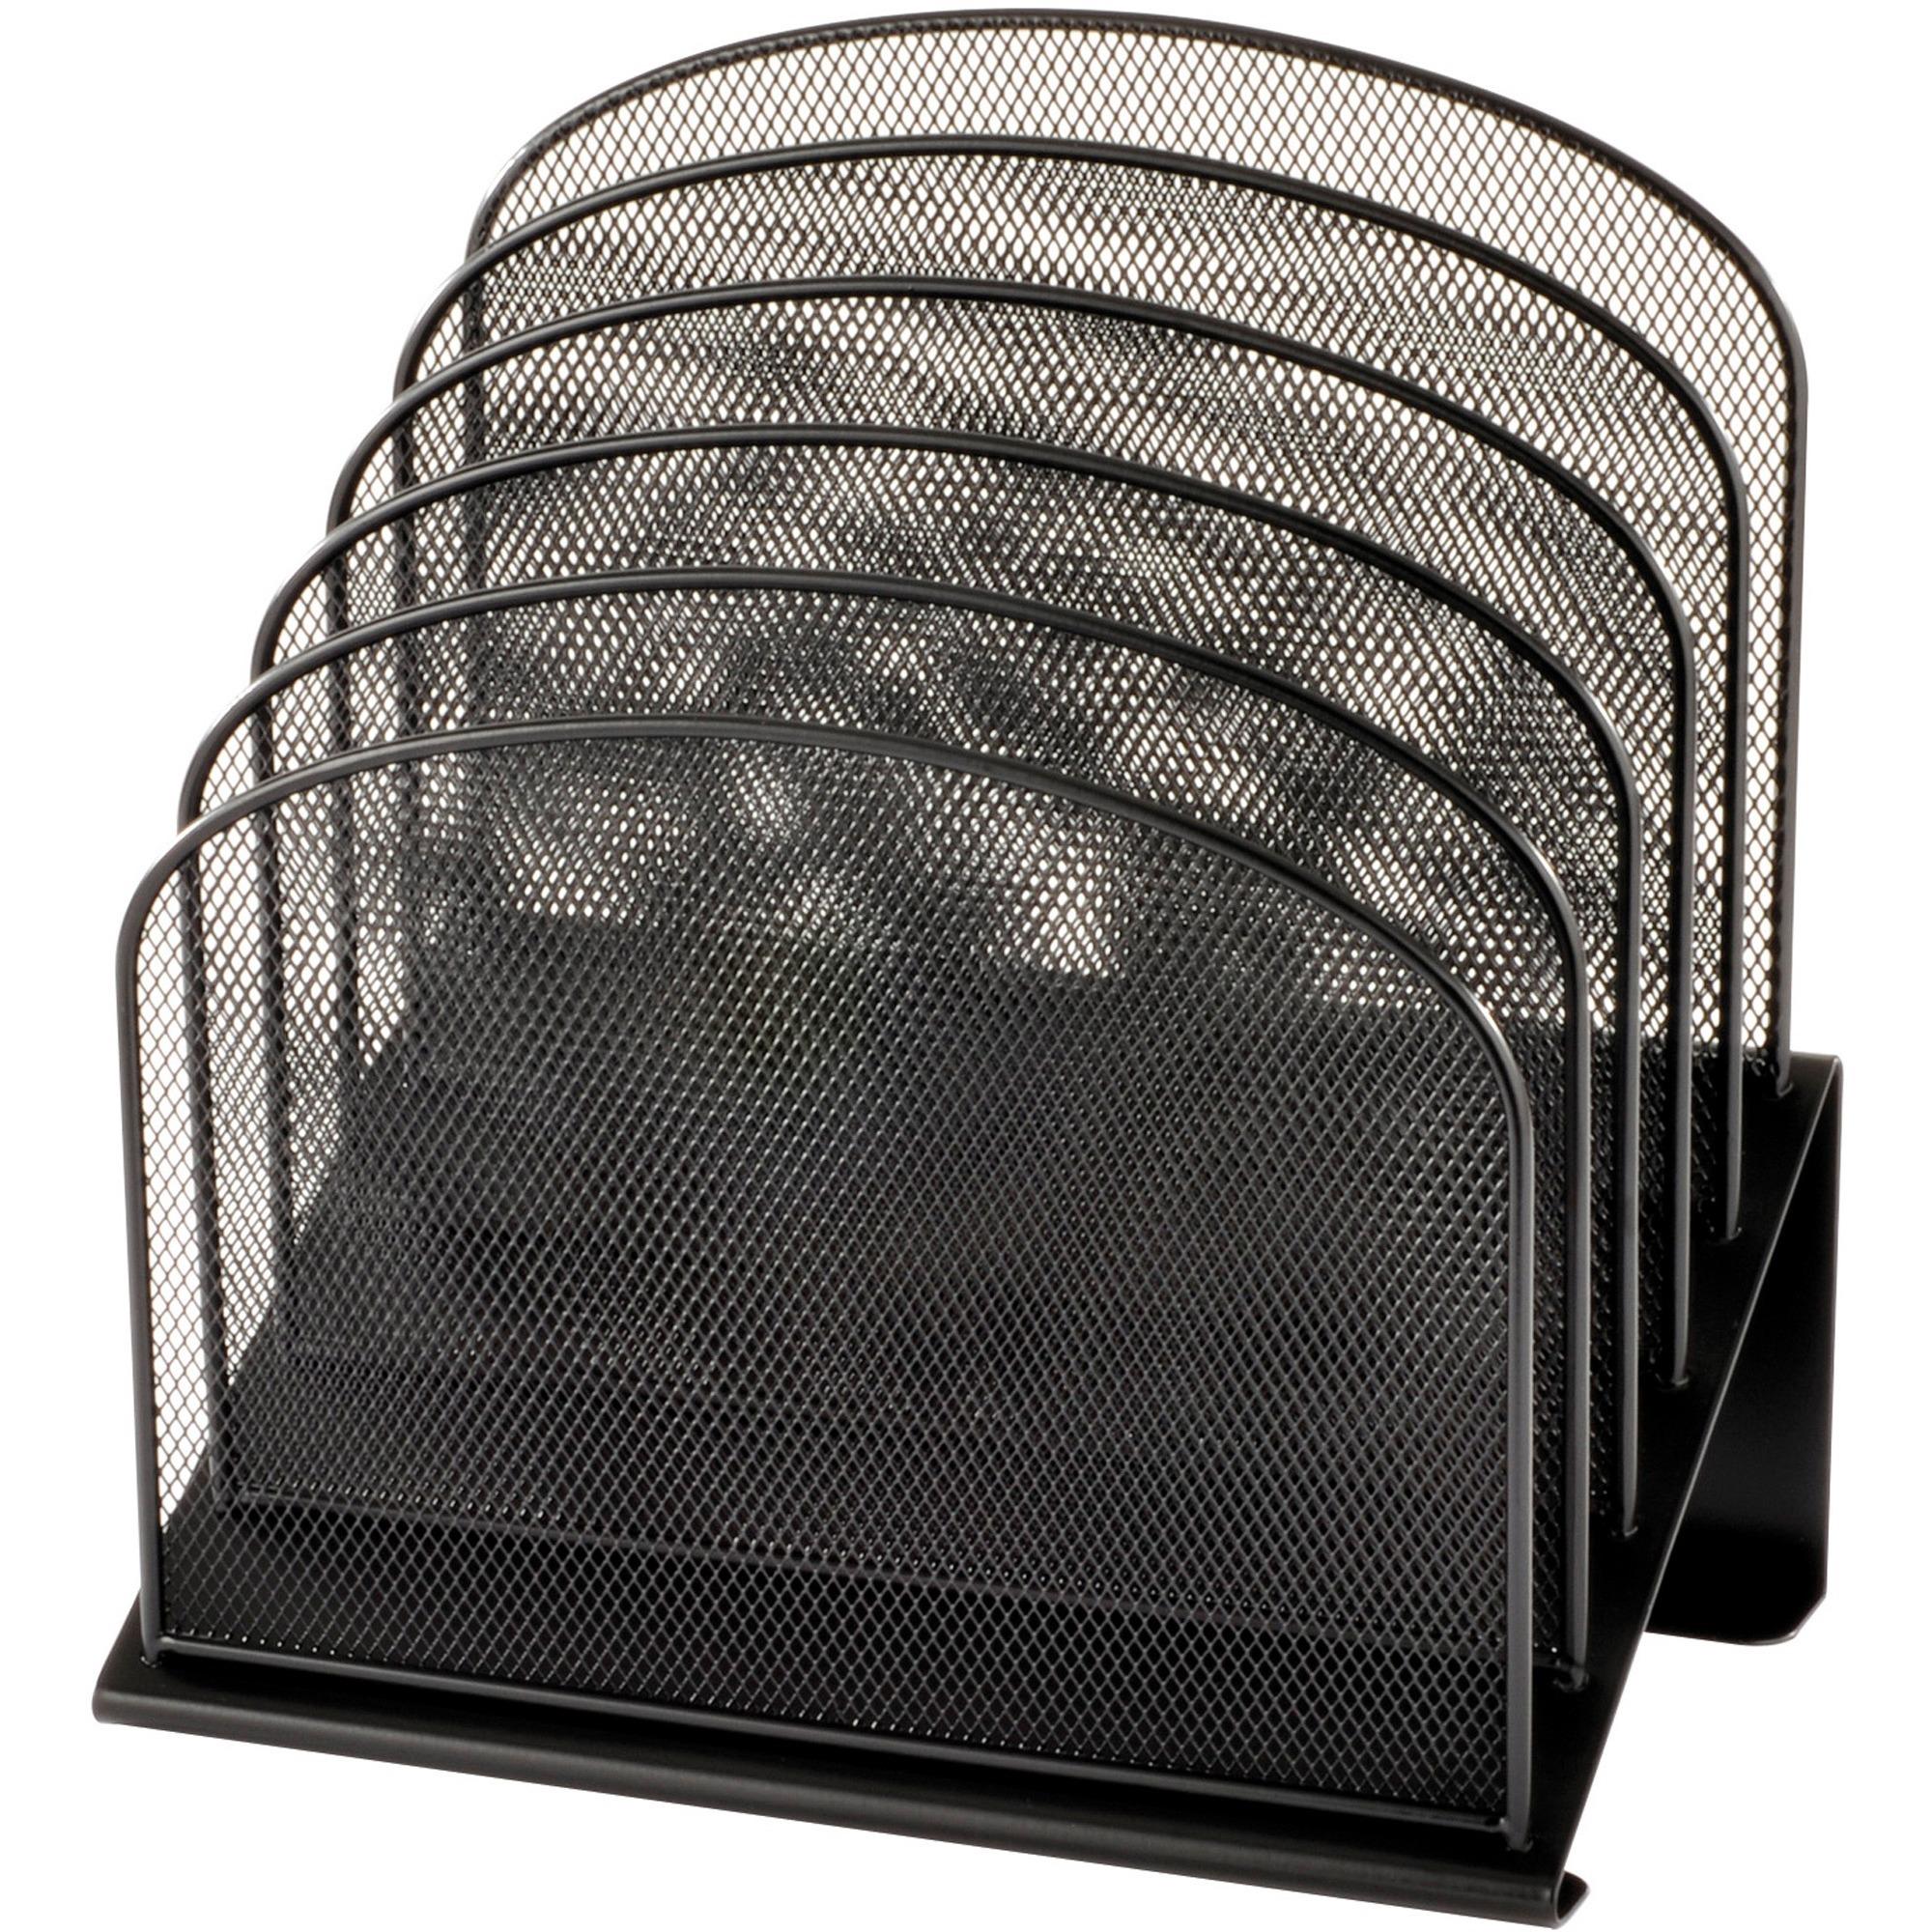 Safco Onyx Wire Mesh Desktop Organizer 5 Compartment S 1